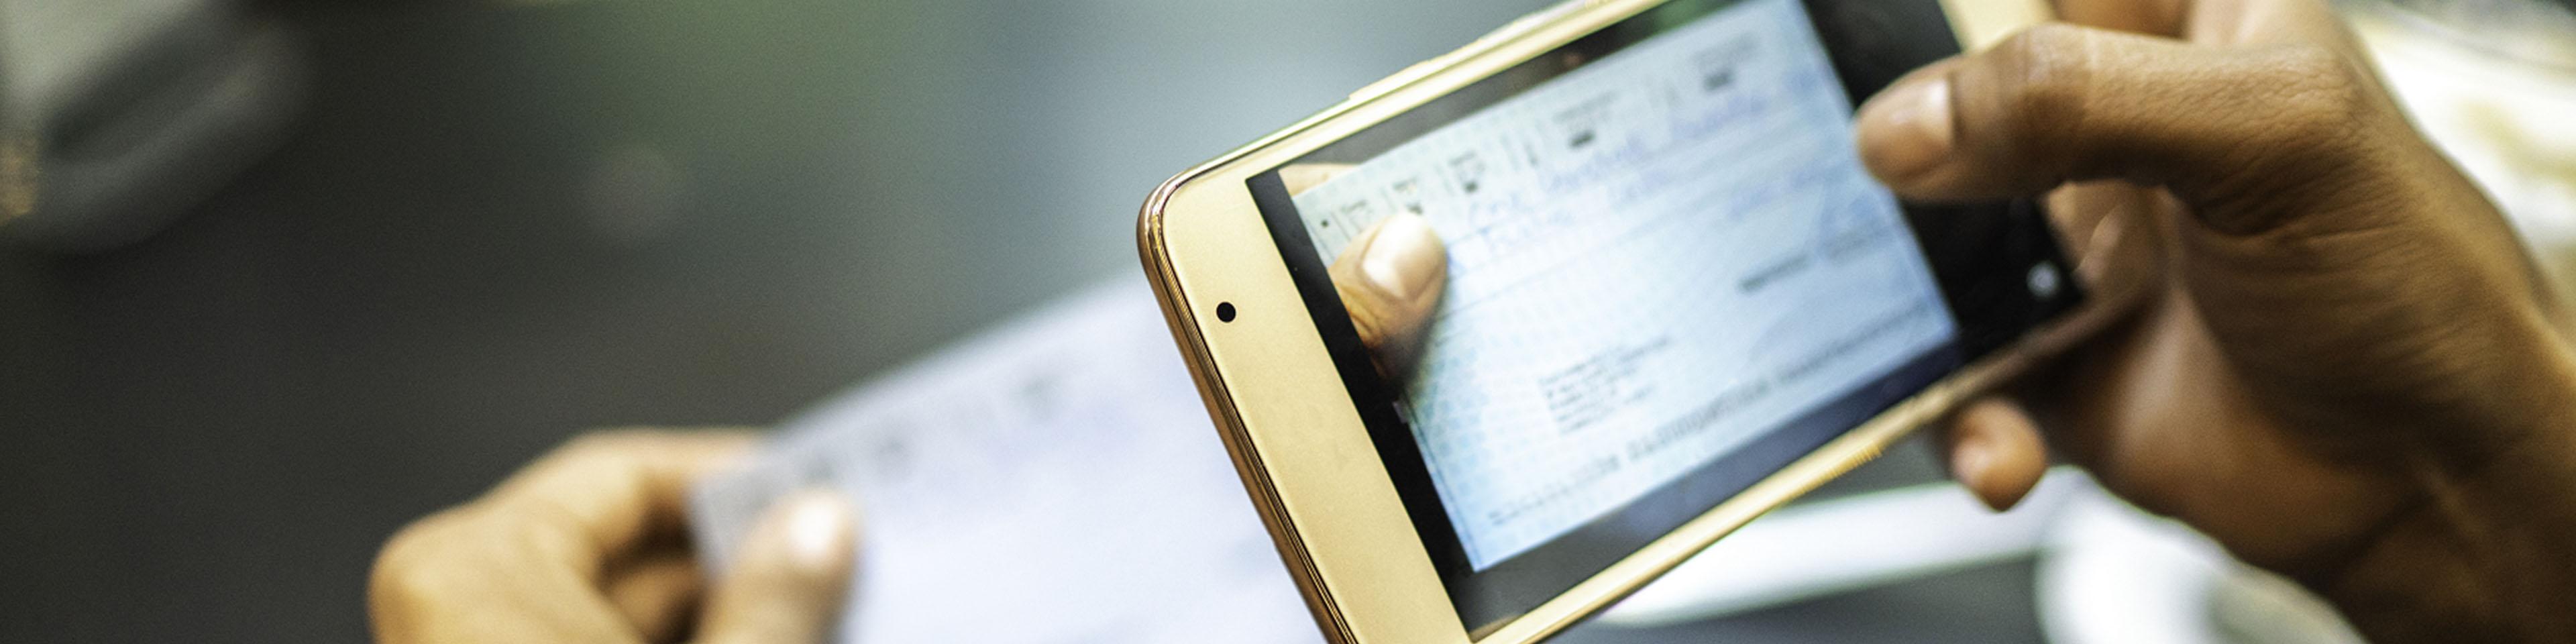 Digitaal, elektronisch of papier